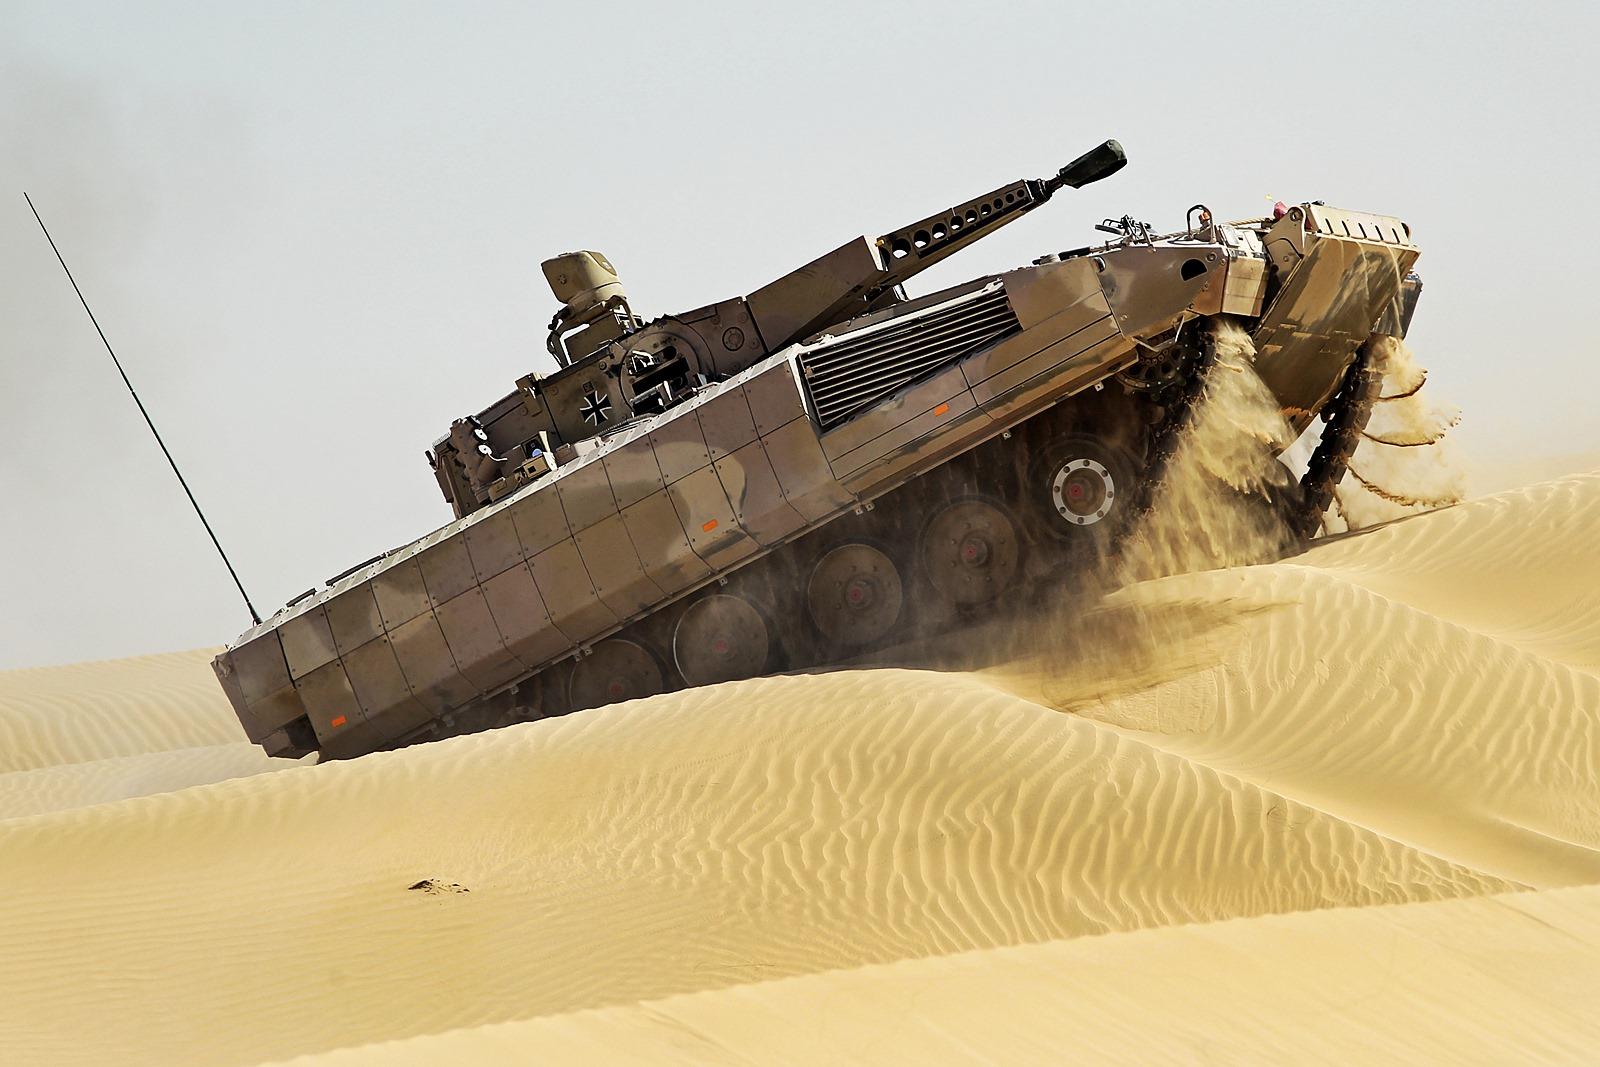 두바이 사막에서 주행시험중인 독일육군 최신 장갑..